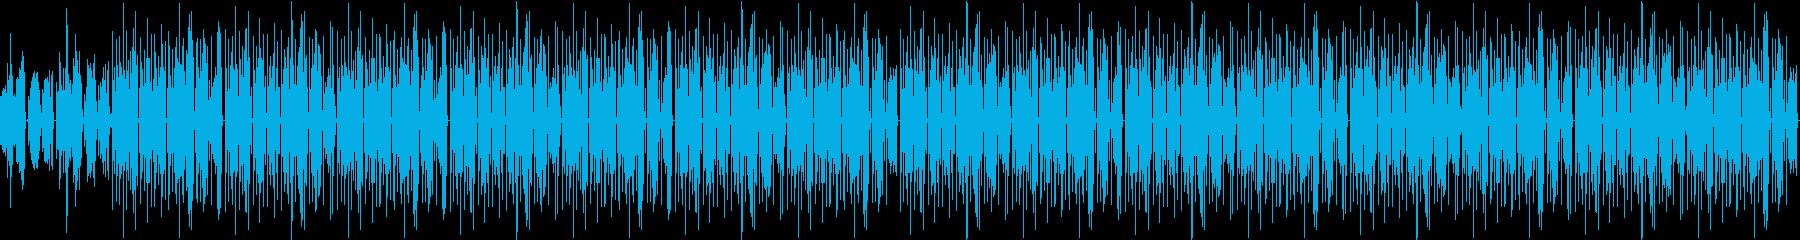 【BGM】リラックス・ギター・サブカルの再生済みの波形